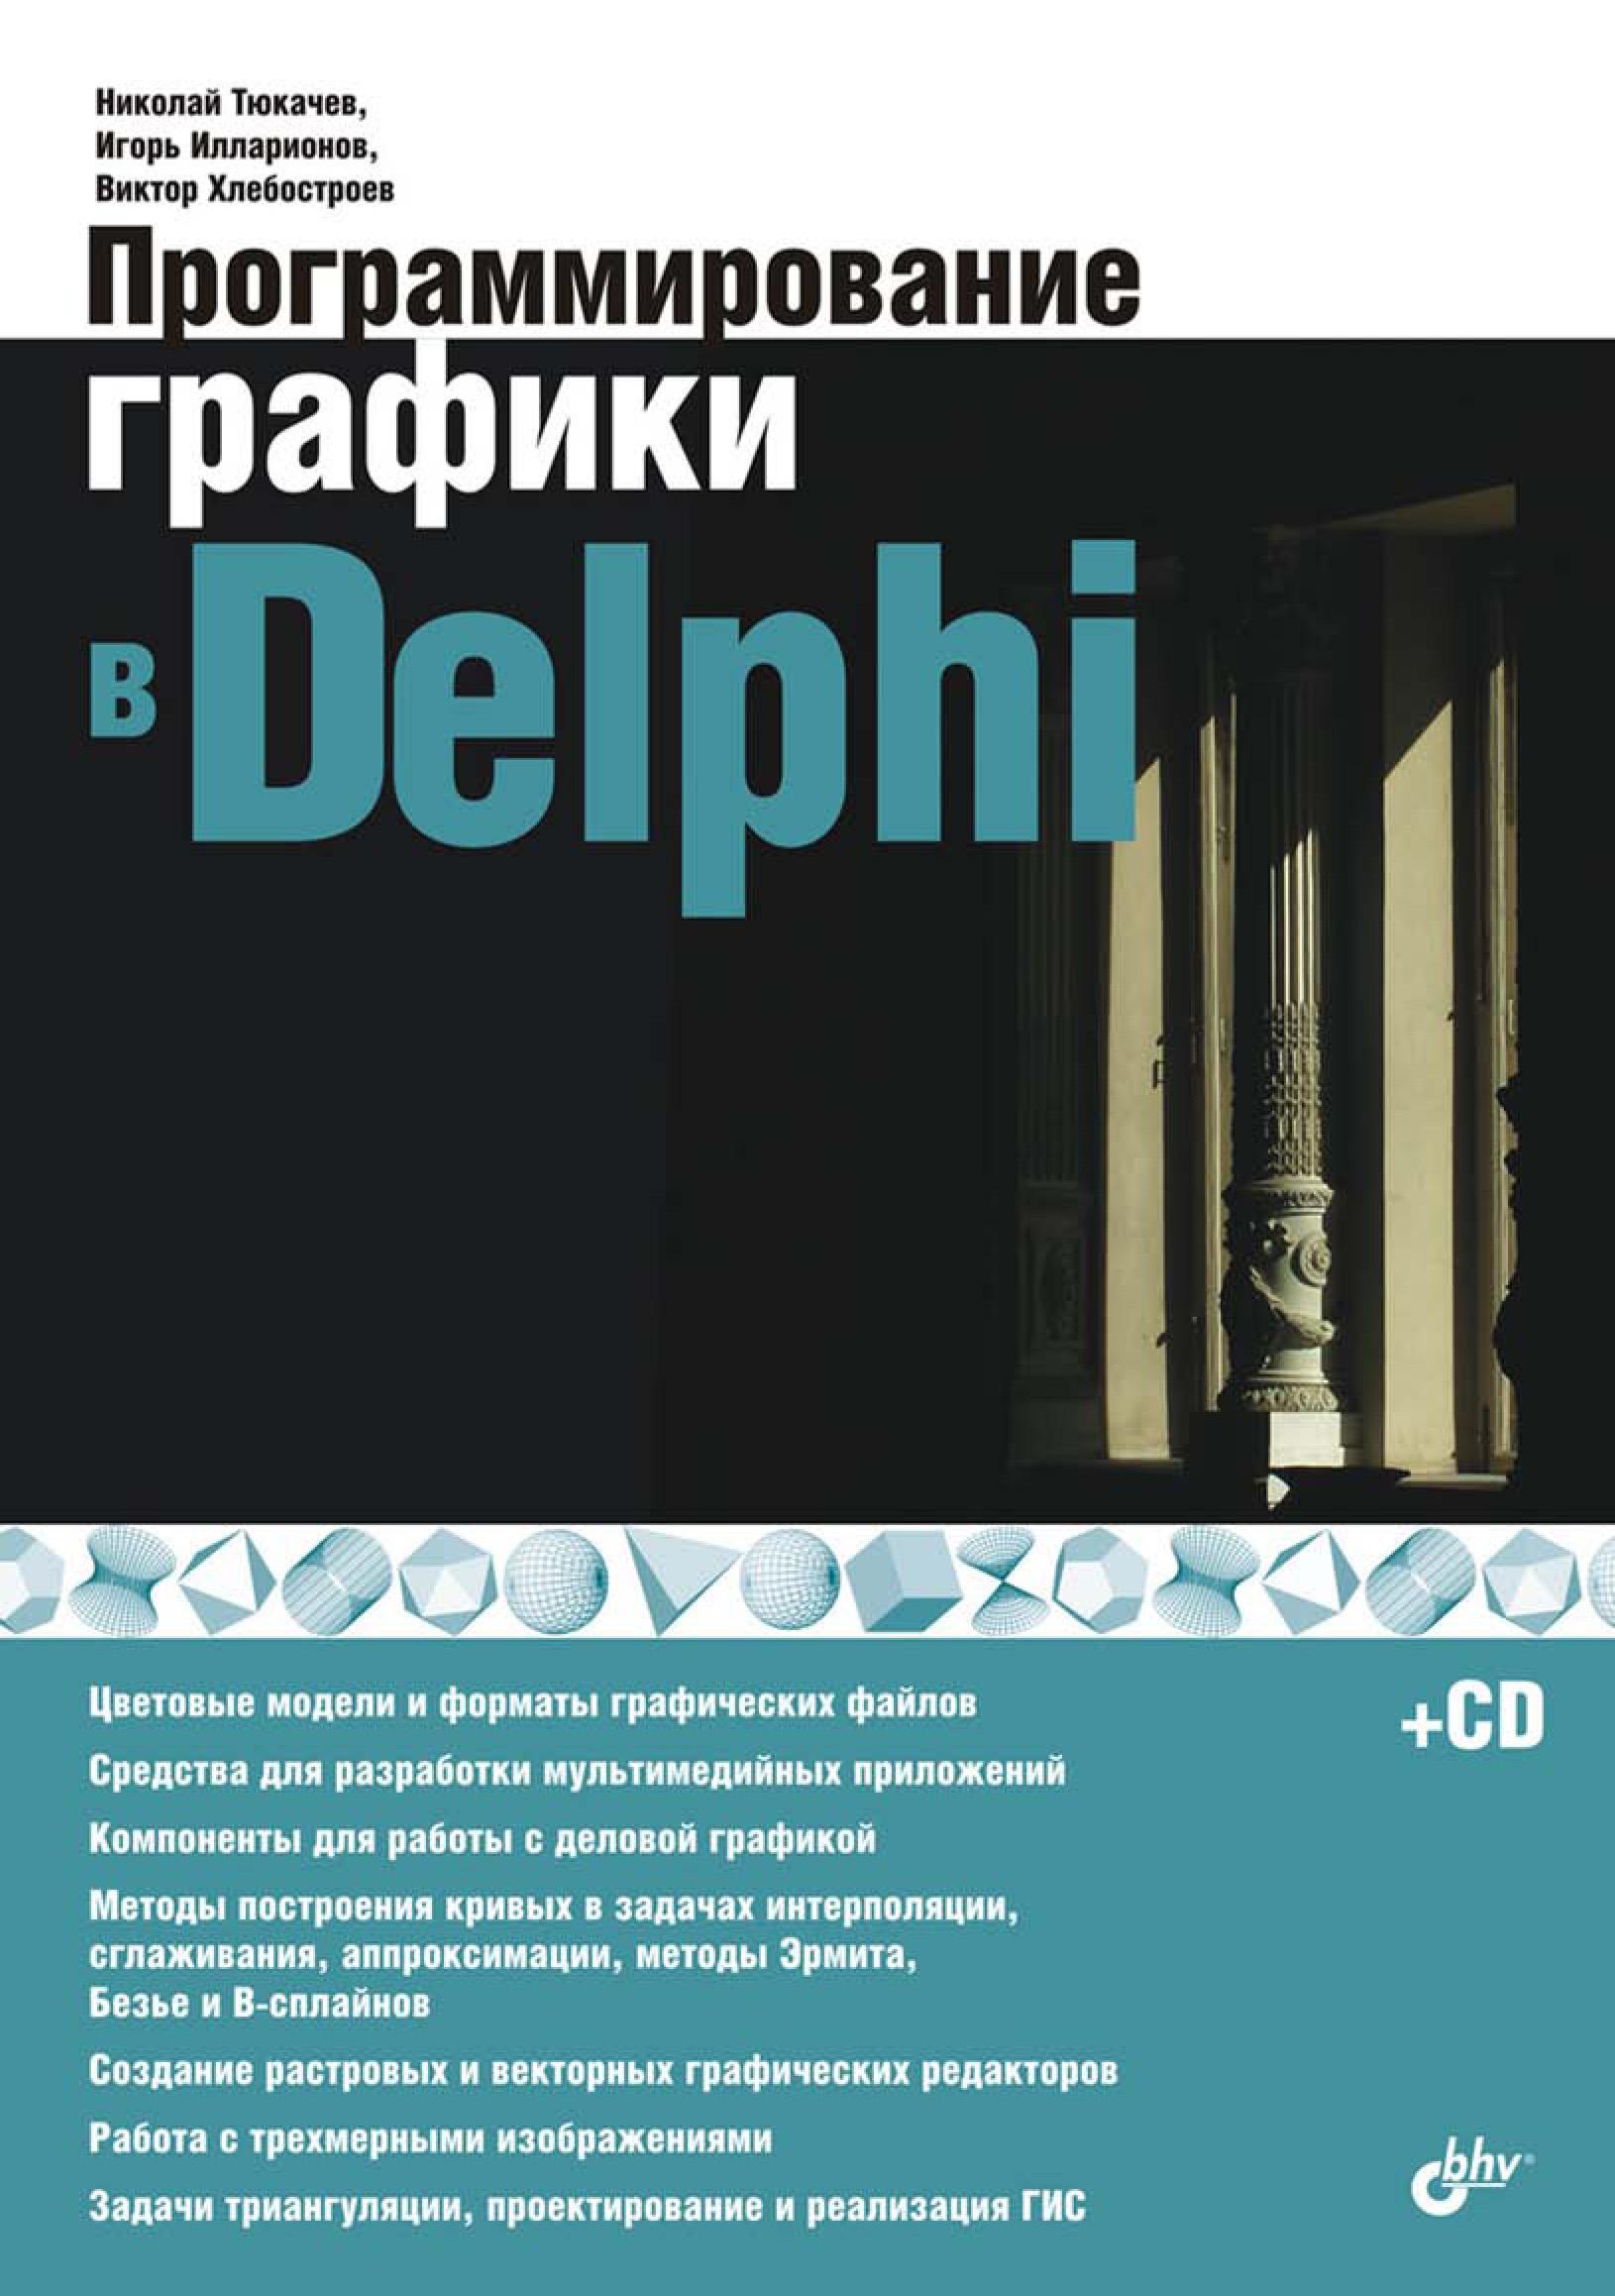 Виктор Хлебостроев Программирование графики в Delphi тара тула